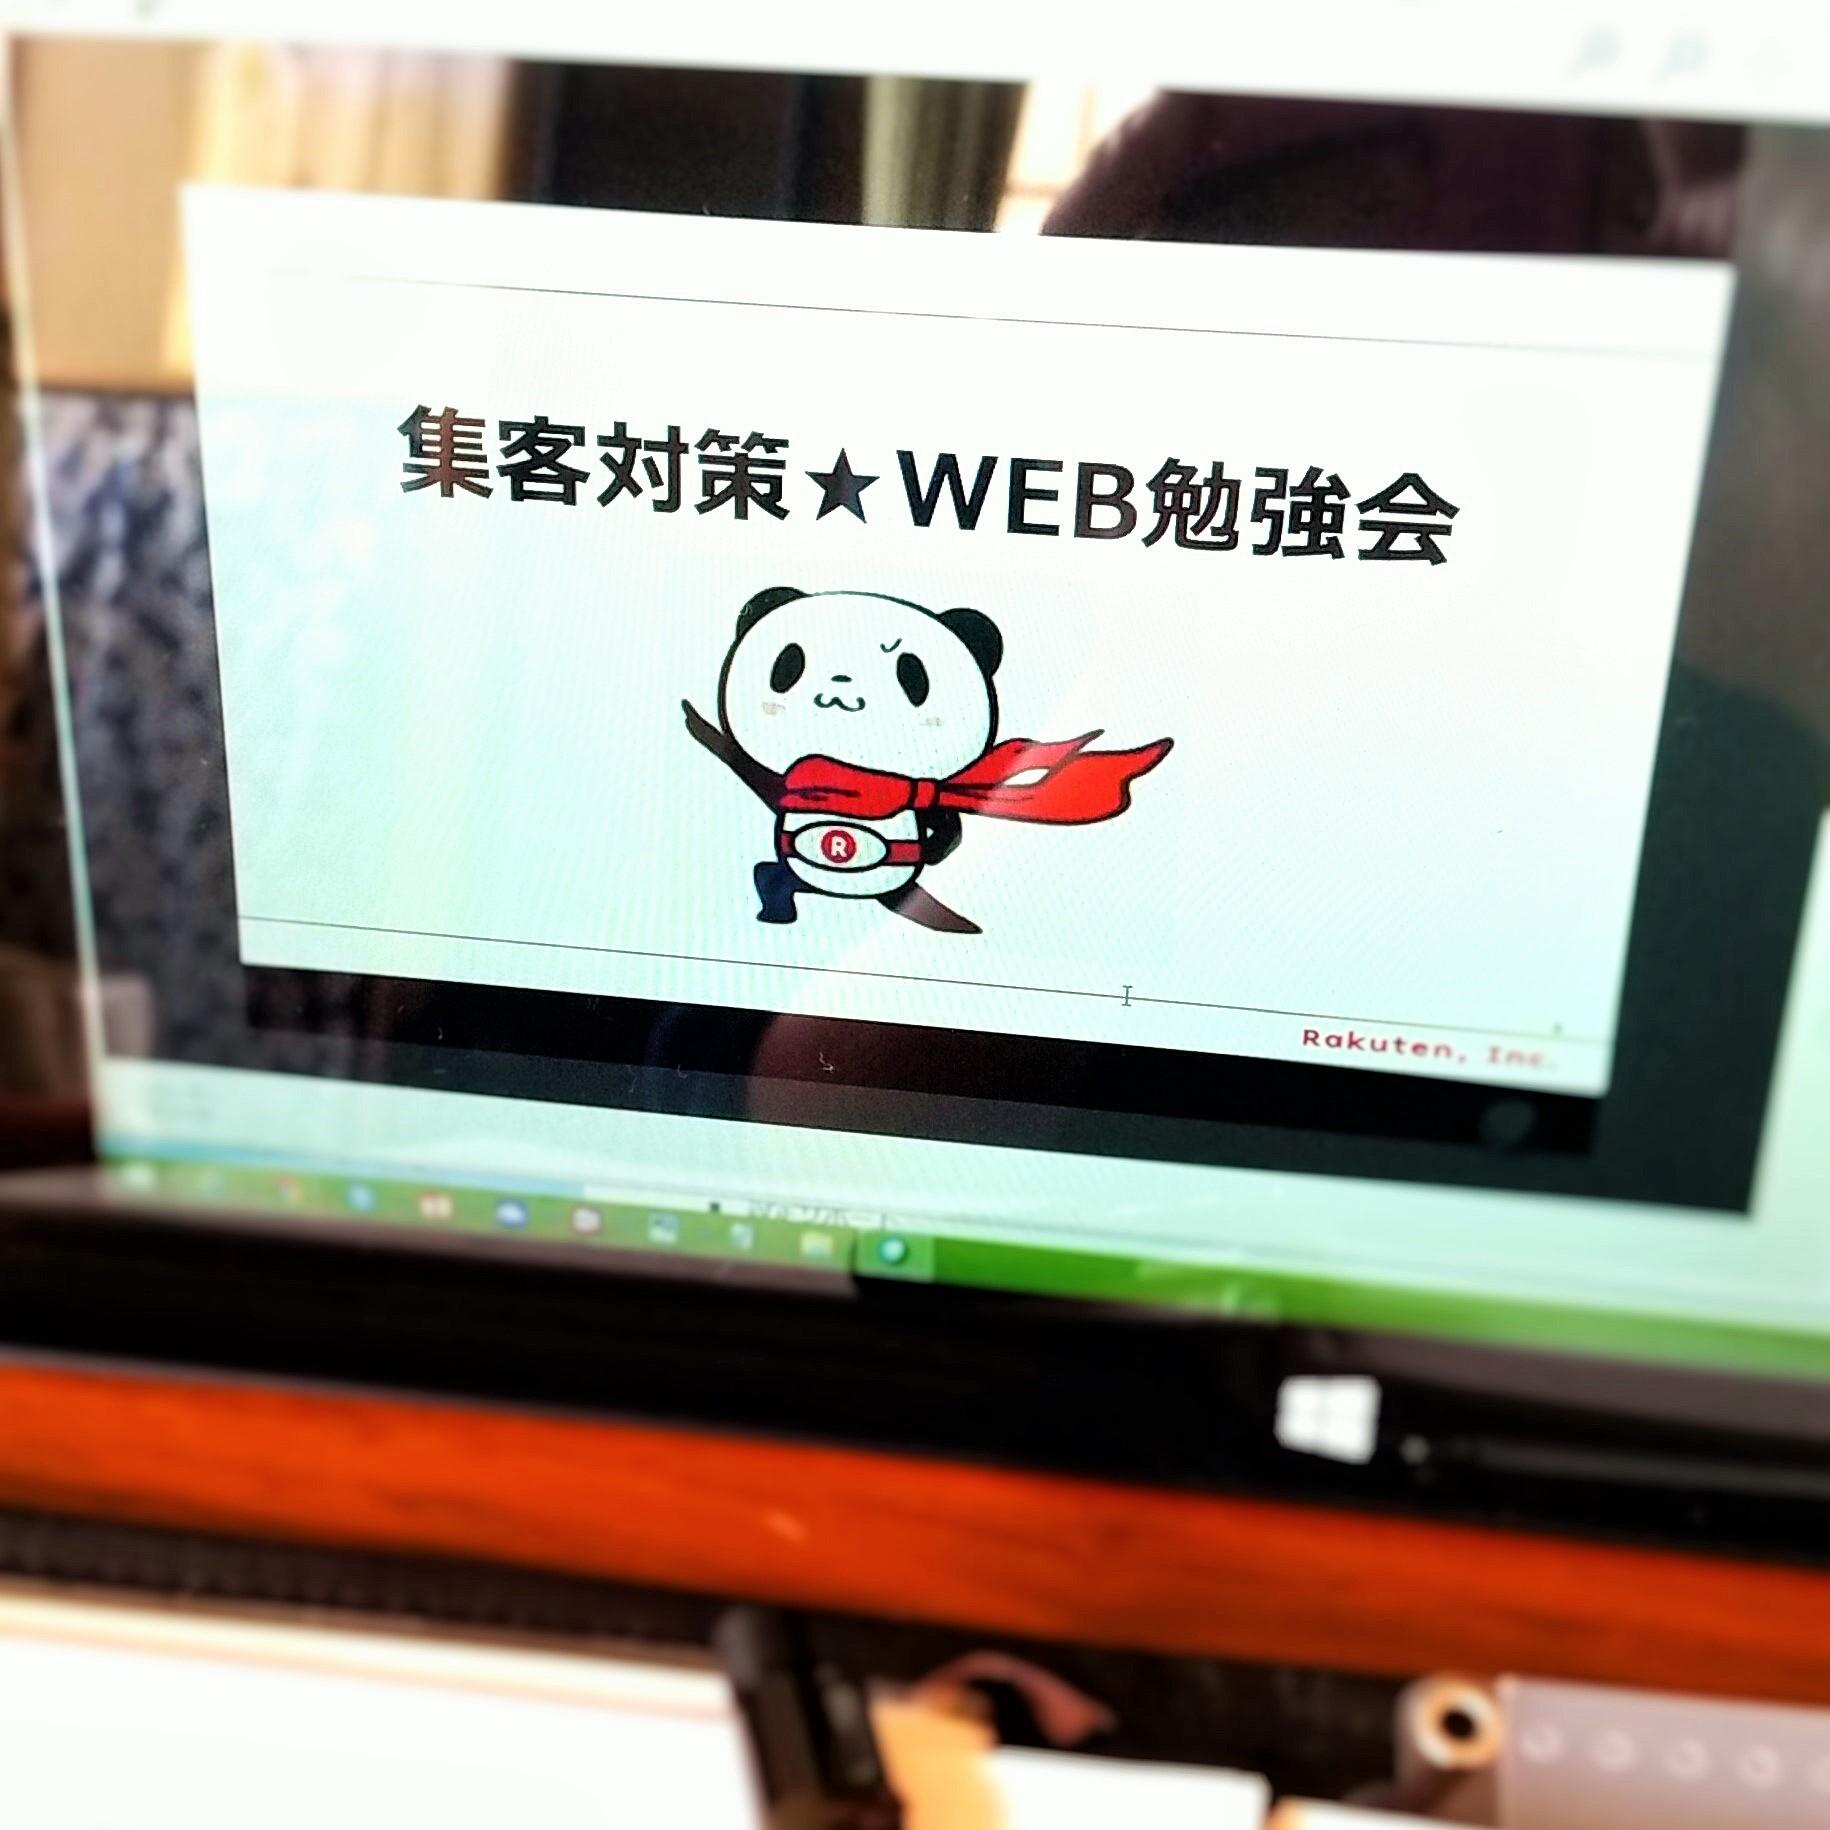 楽天市場主催のWeb集客勉強会の様子